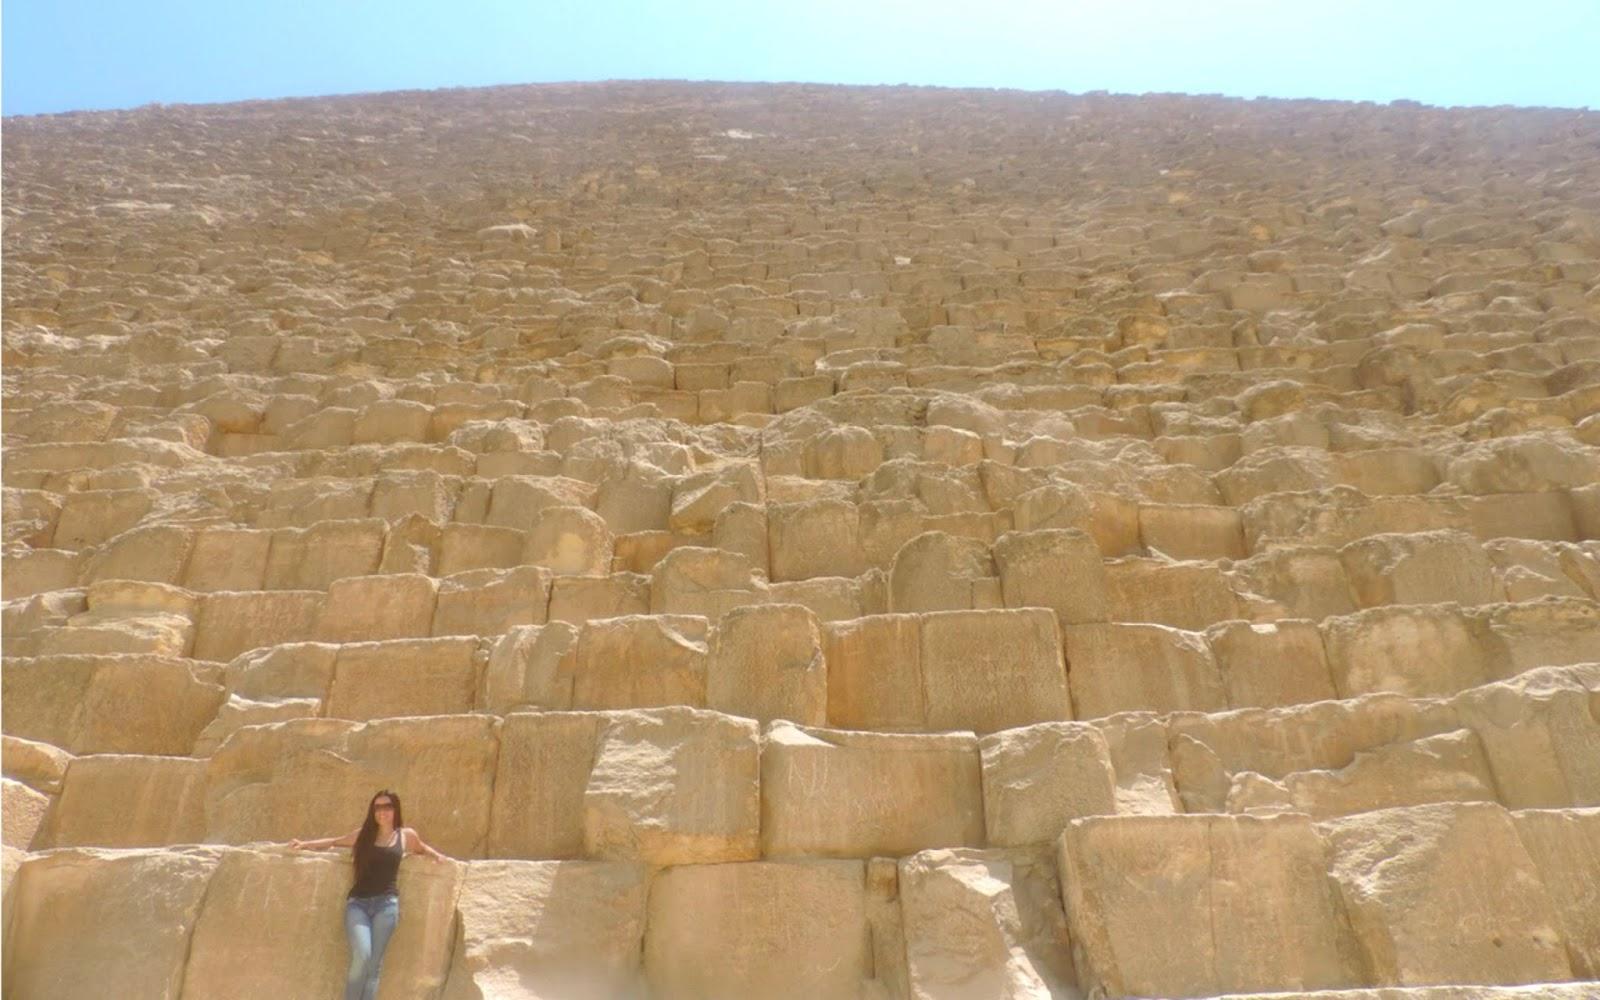 Conhecendo as Pirâmides do Egito! - Giza, Egito